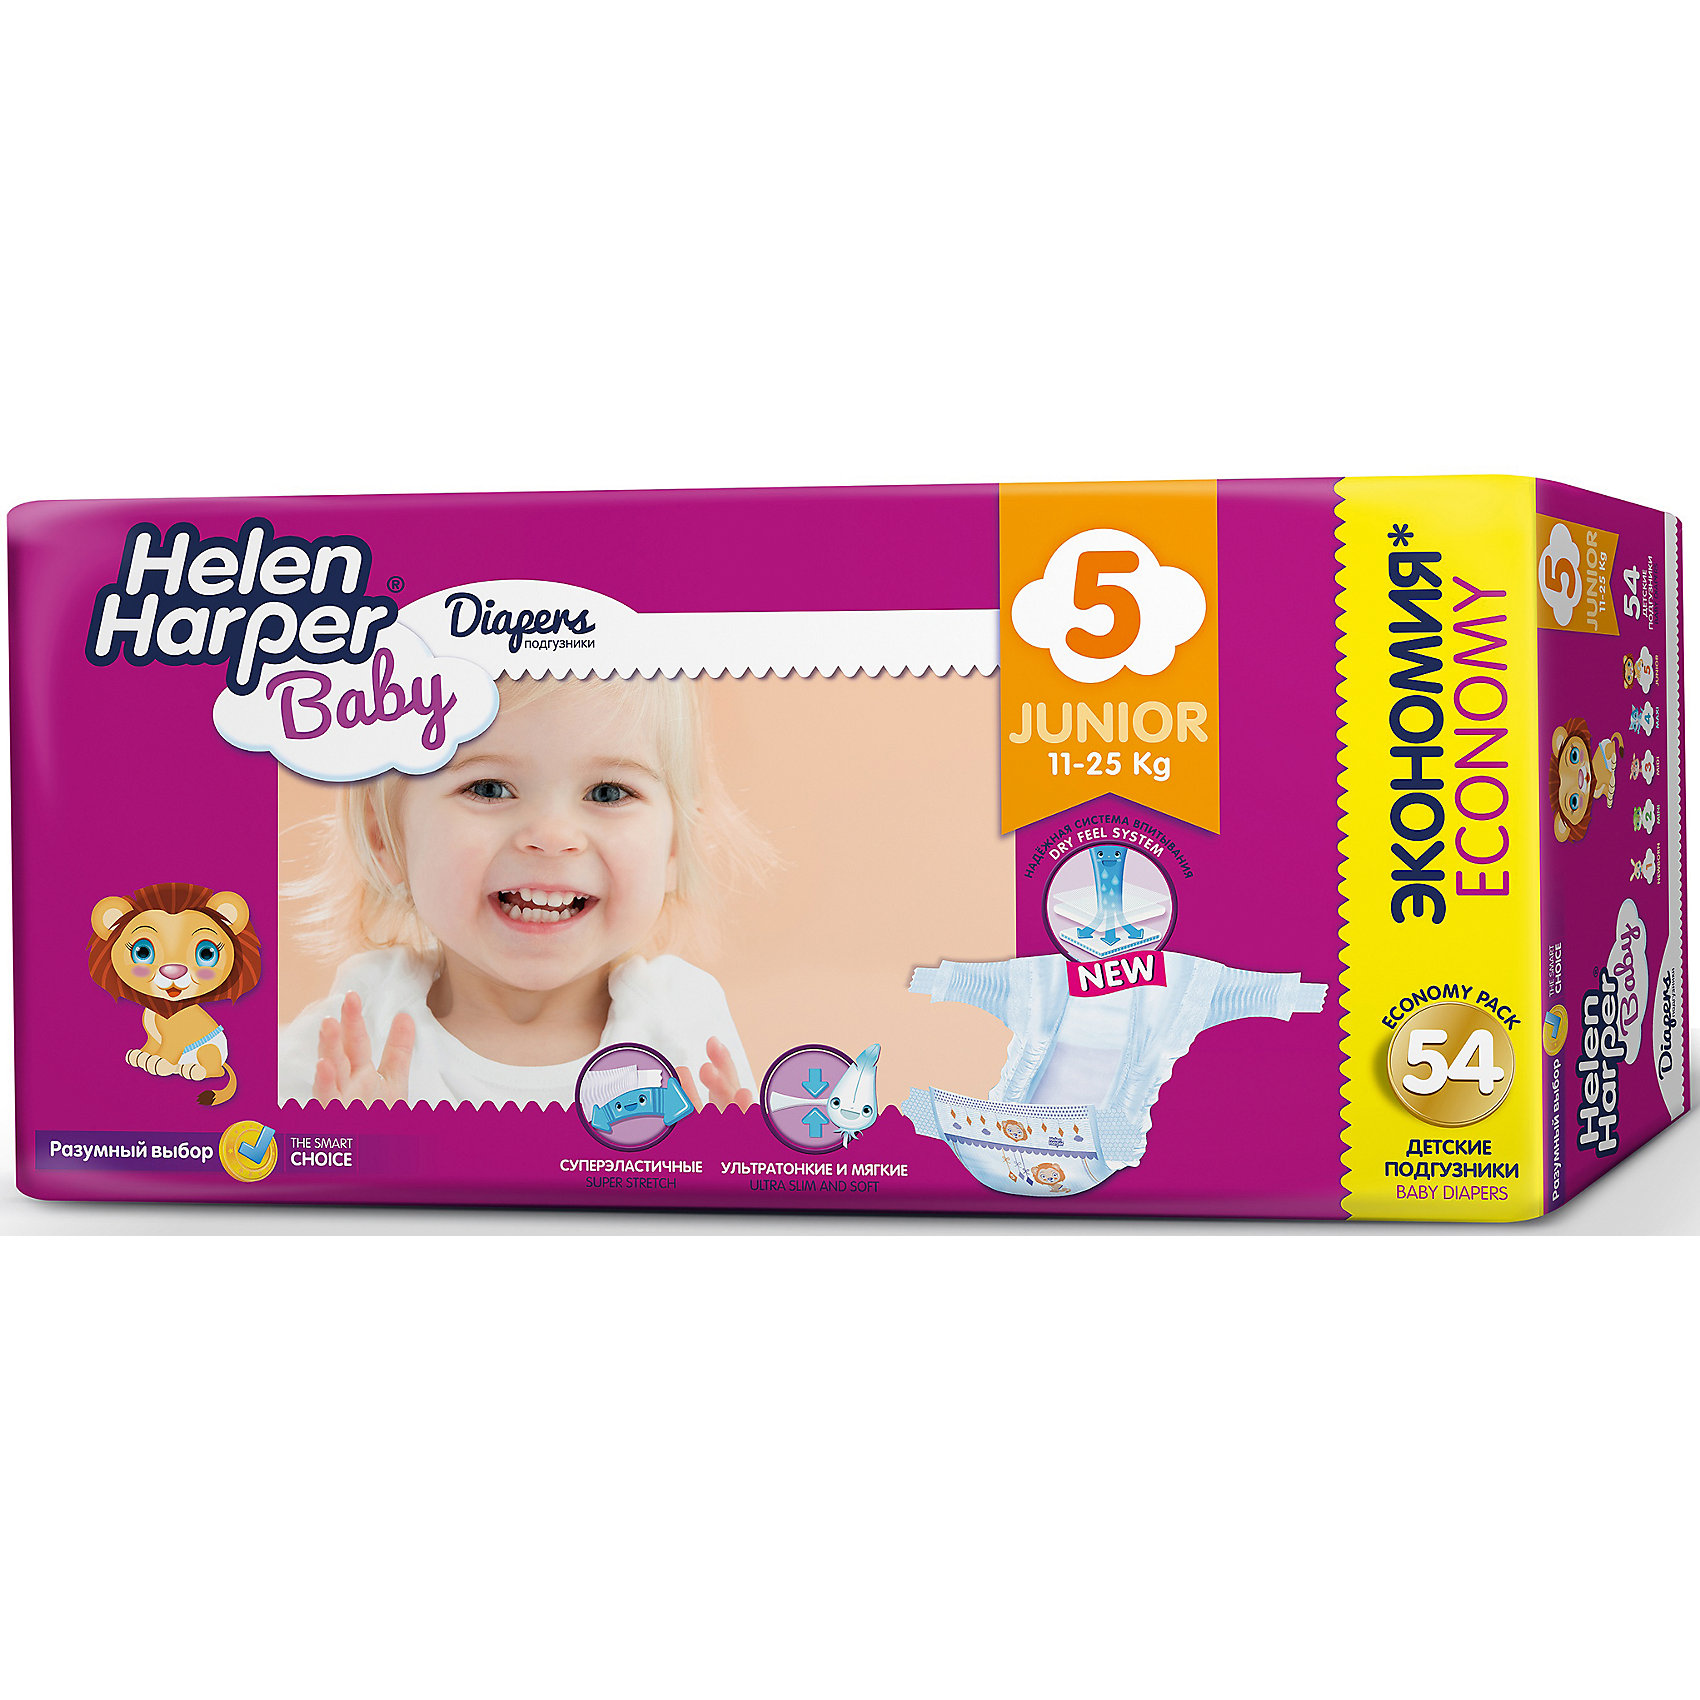 Подгузники Junior Helen Harper Baby 11-25 кг., 54 шт.Детские подгузники Helen Harper Baby отличаются красочным дизайном и превосходным качеством. Они выполнены из гипоаллергенного дышащего материала без отдушек и ароматизаторов, имеют многоразовые застежки-липучки с пониженным уровнем шума. Уникальная система впитывания надежно удерживает жидкость внутри подгузника, превращая ее в гель и защищая от протеканий. Мягкий внутренний слой препятствует возникновению раздражений на нежной коже малыша и обеспечивает дополнительный комфорт. Благодаря эластичным боковинам и особой анатомической форме подгузник хорошо прилегает к телу ребенка, при этом не стягивает и не натирает кожу.<br><br>Особенности:<br>Высокая впитываемость (система Dry Feel).<br>Внутренний мягкий слой подгузника препятствует возникновению раздражений и опрелостей.<br>Многоразовая застежка-липучка обеспечивает удобство в использовании.<br>Превосходно сидят благодаря анатомической форме подгузника.<br>Эластичные дышащие боковые оборочки препятствуют проникновению влаги наружу.<br>Выполнены из дышащего гипоаллергенного материала.<br><br>Ширина мм: 600<br>Глубина мм: 600<br>Высота мм: 200<br>Вес г: 2193<br>Возраст от месяцев: -2147483648<br>Возраст до месяцев: 2147483647<br>Пол: Унисекс<br>Возраст: Детский<br>SKU: 4729777